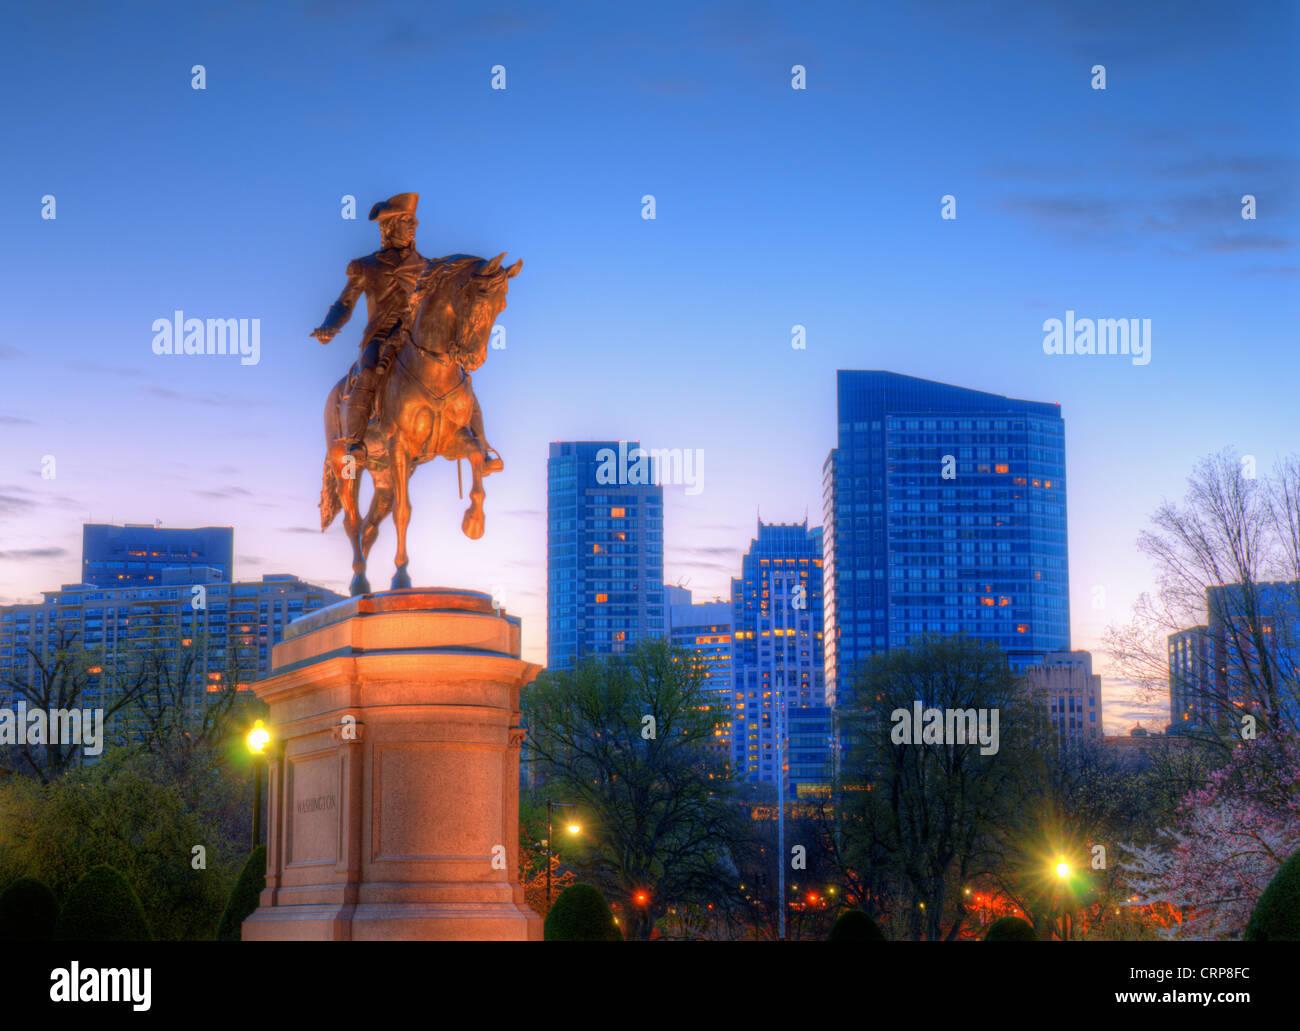 George Washington Reiterstandbild im Public Garden in Boston, Massachusetts. Stockbild